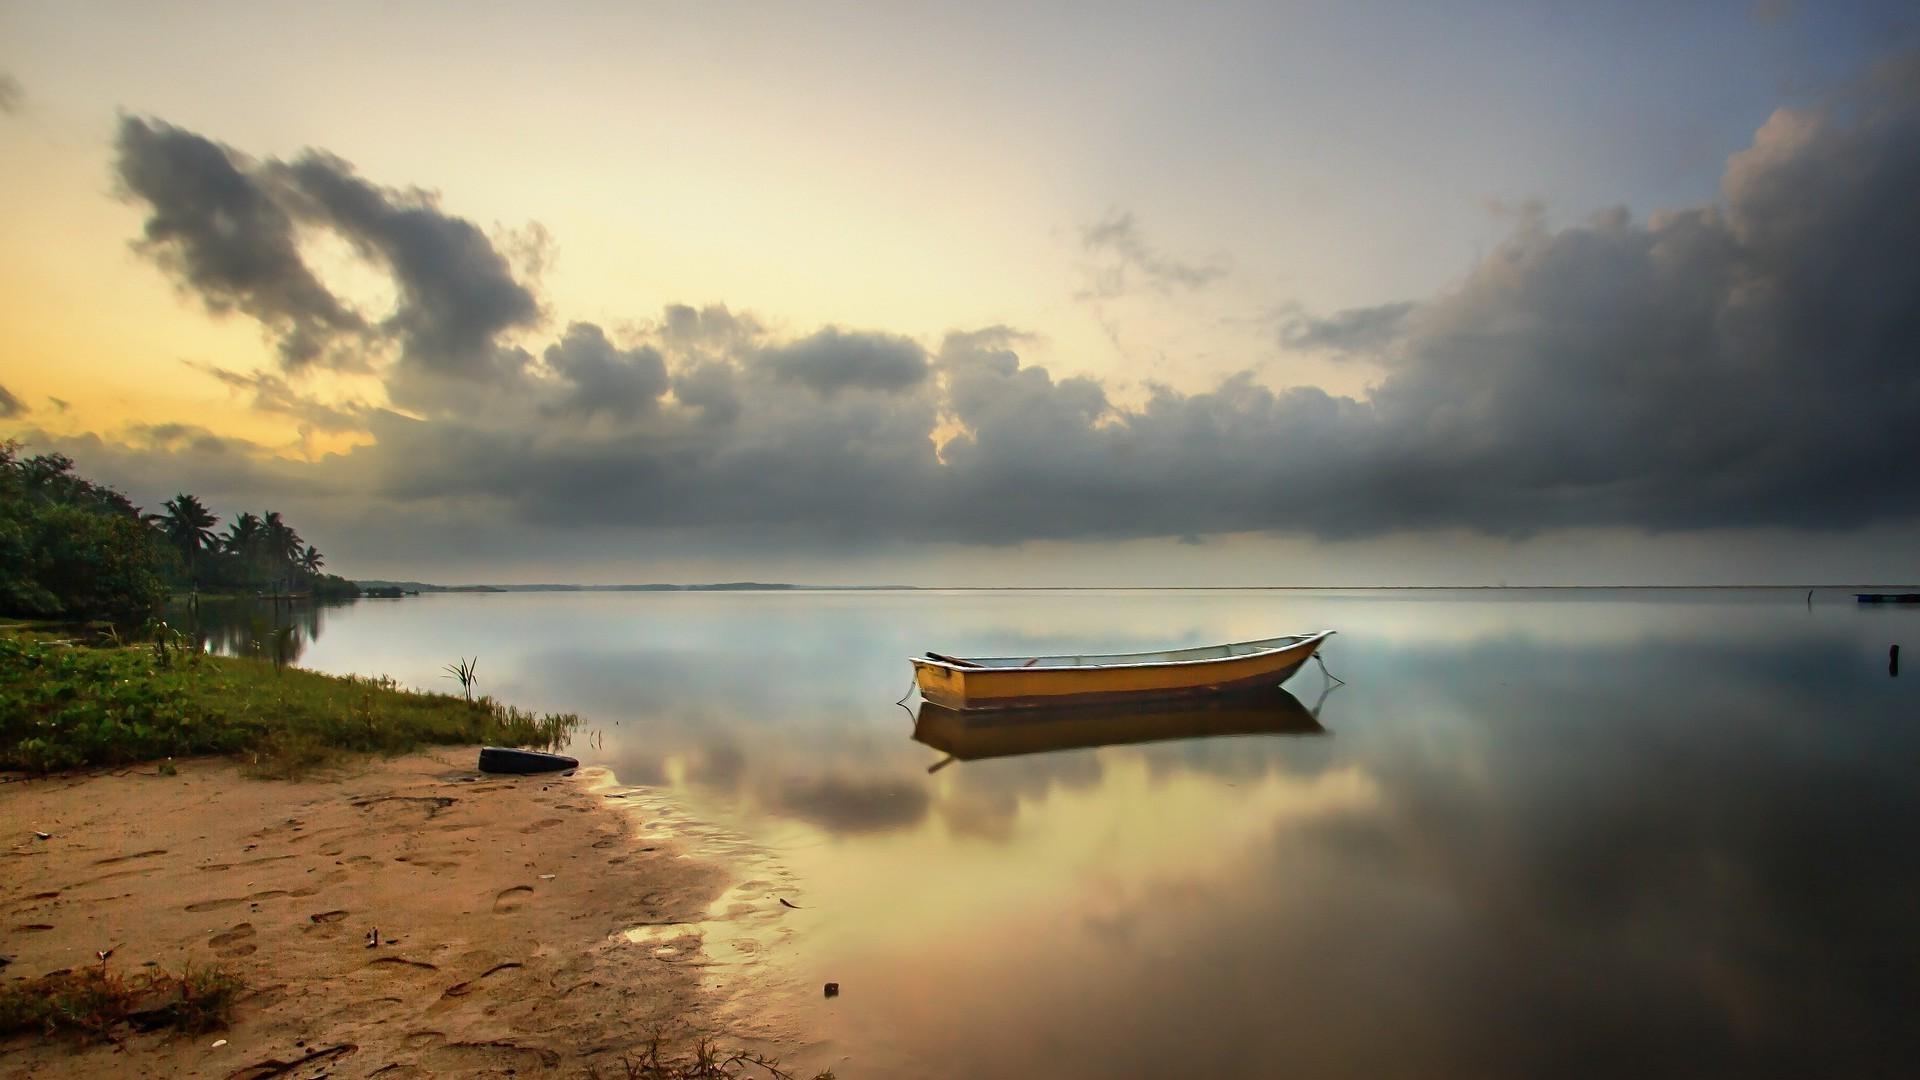 Обои Англия, река, берег, утро, лодки, дома, деревья, туман, вода, отражение для рабочего стола